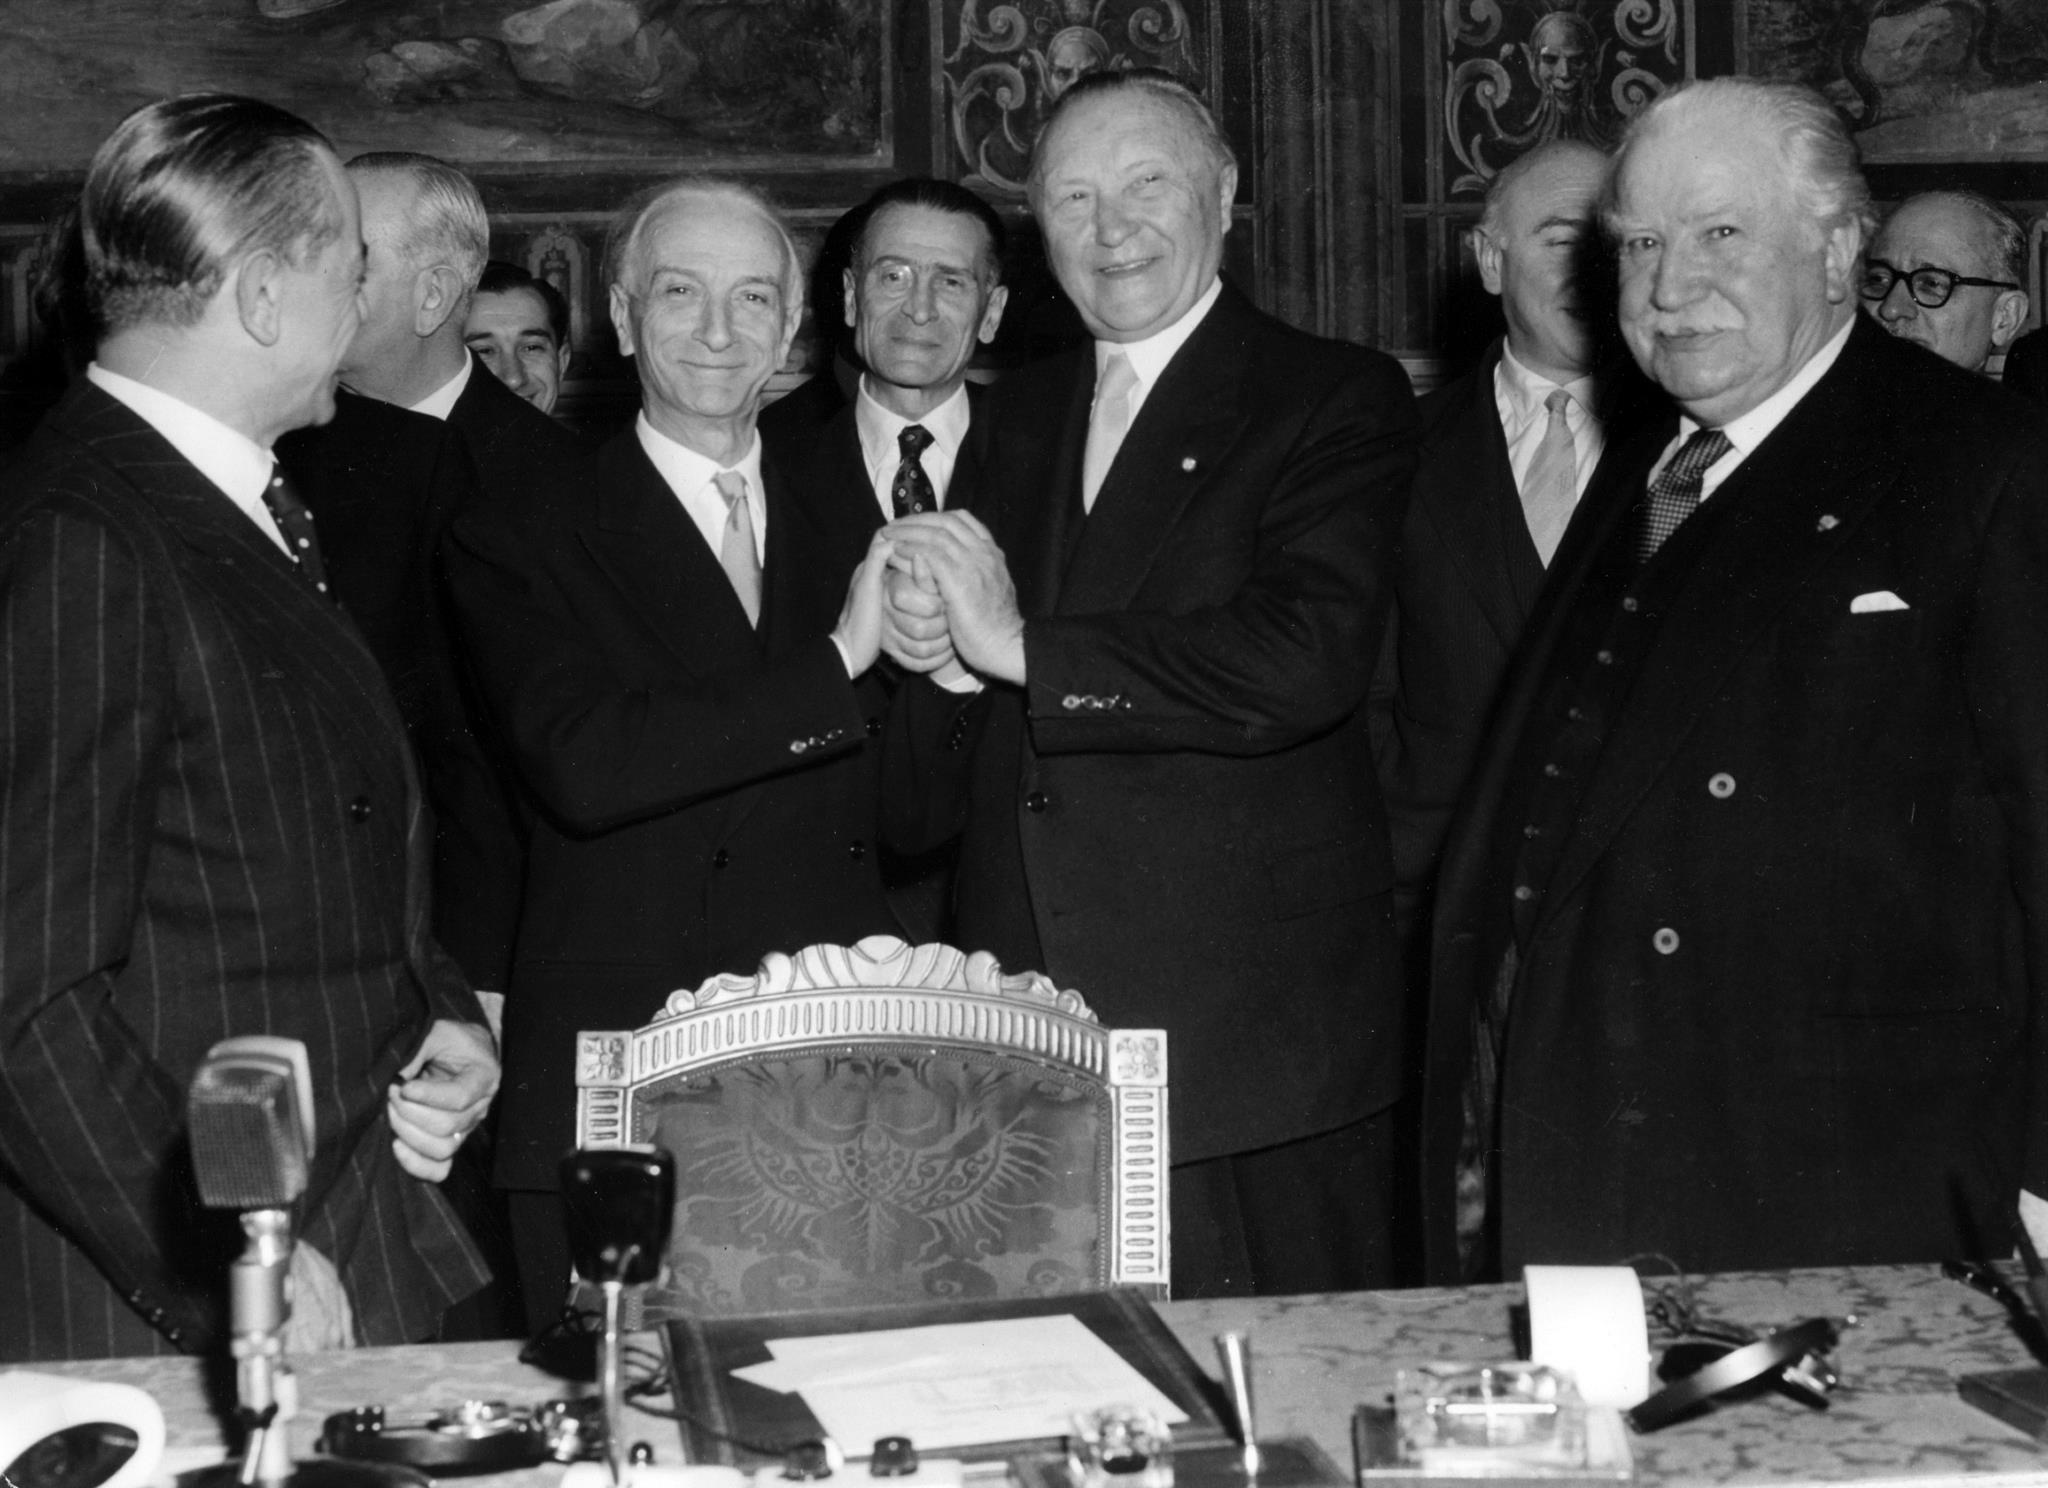 Ao centro, da esquerda para a direita: Antonio Segni e Konrad Adenauer, a apertar as mãos depois da assinatura dos tratados, rodeados por outros signatários e membros das delegações.